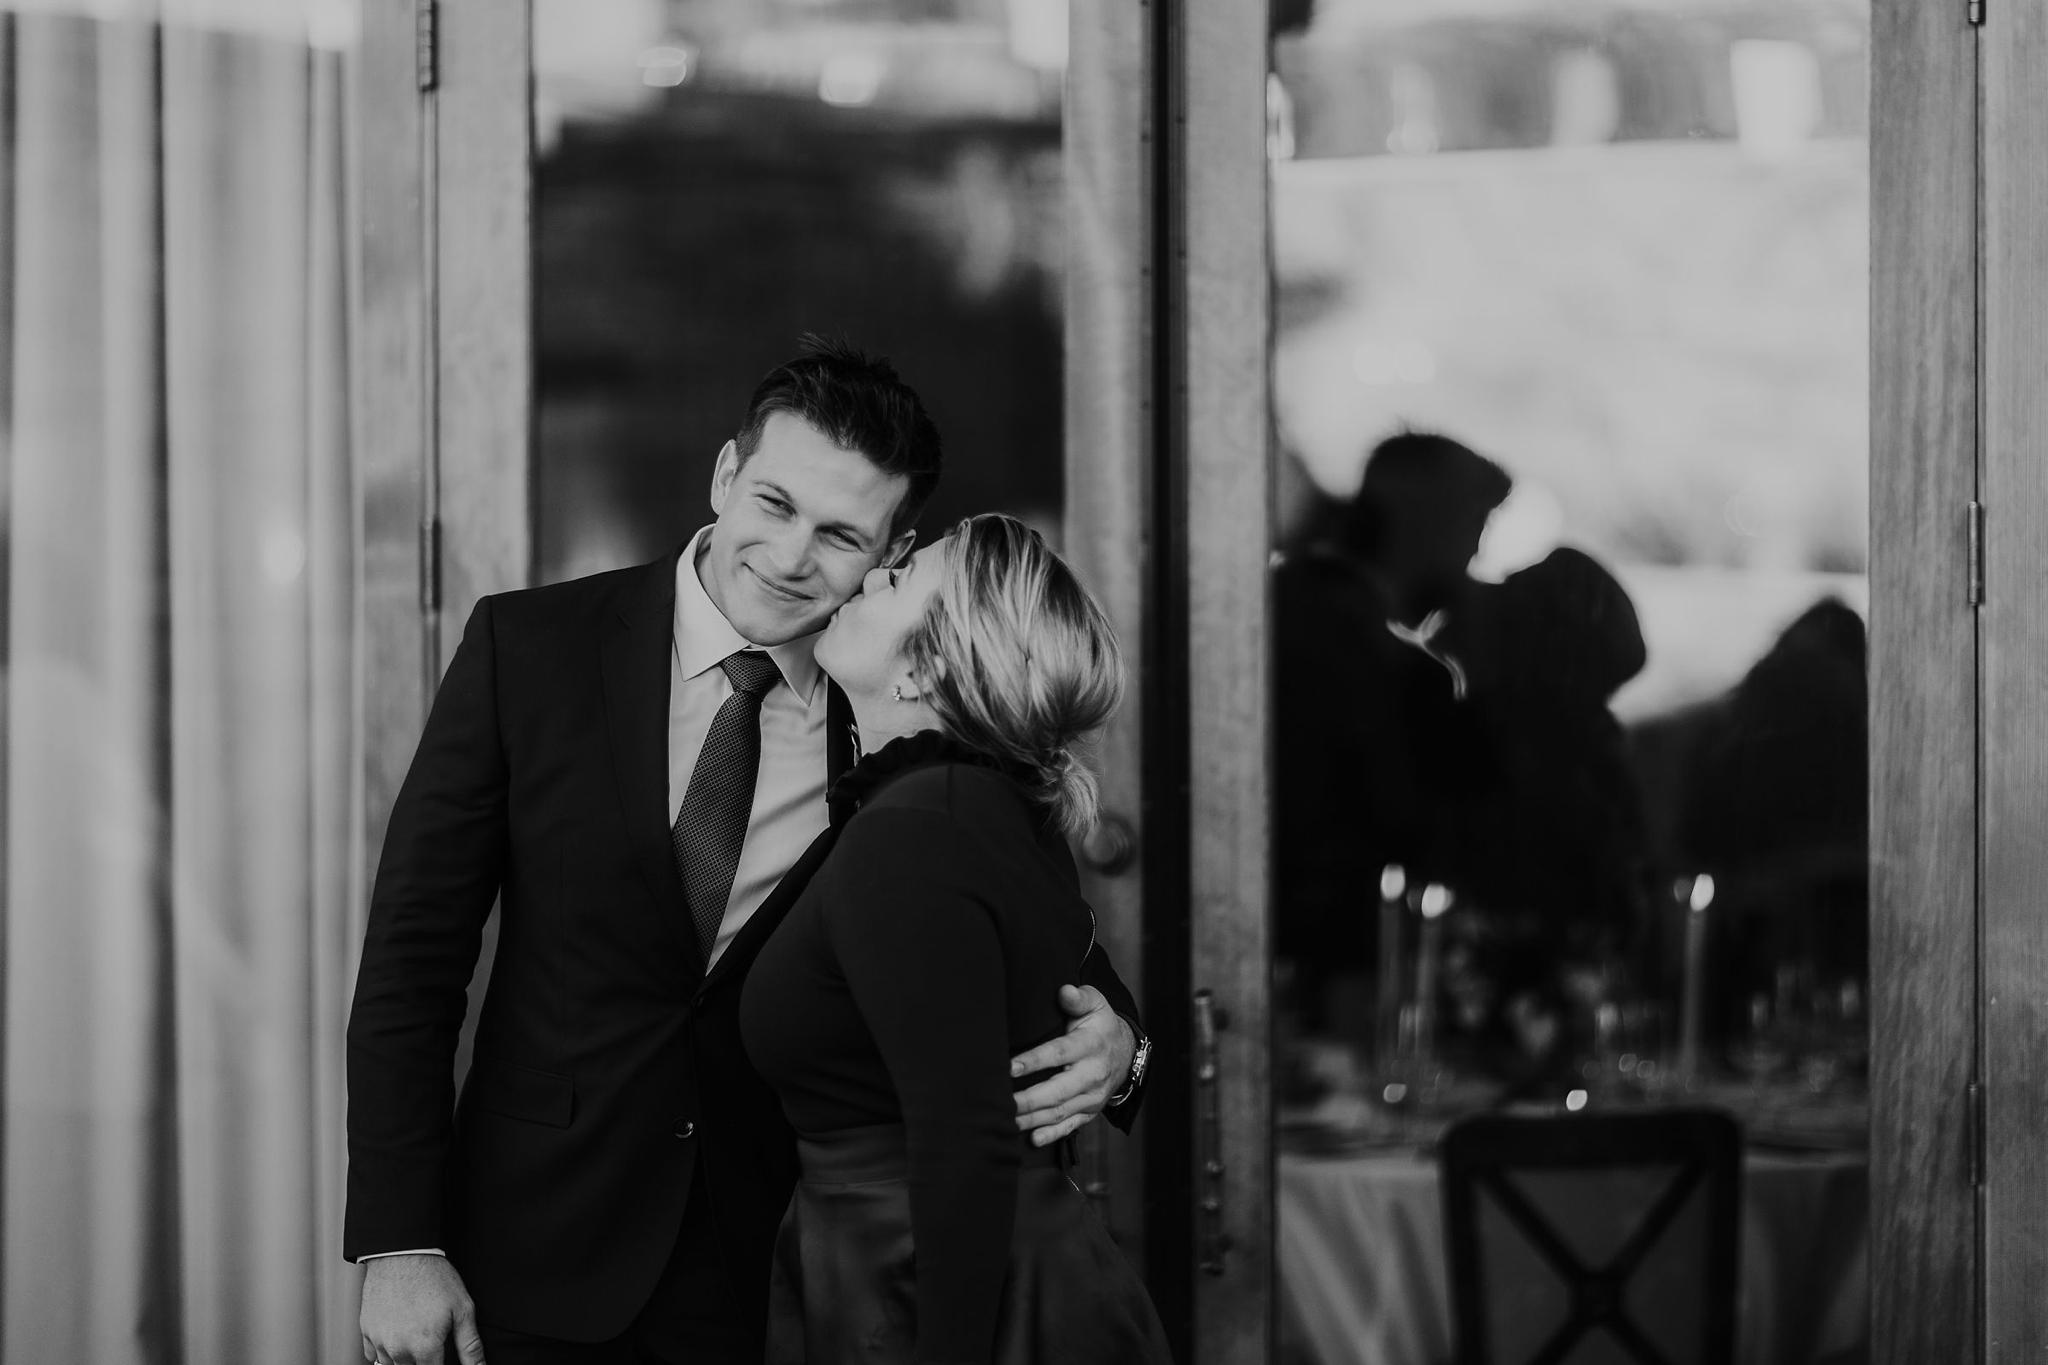 Alicia+lucia+photography+-+albuquerque+wedding+photographer+-+santa+fe+wedding+photography+-+new+mexico+wedding+photographer+-+new+mexico+wedding+-+santa+fe+wedding+-+four+seasons+wedding+-+winter+wedding_0080.jpg